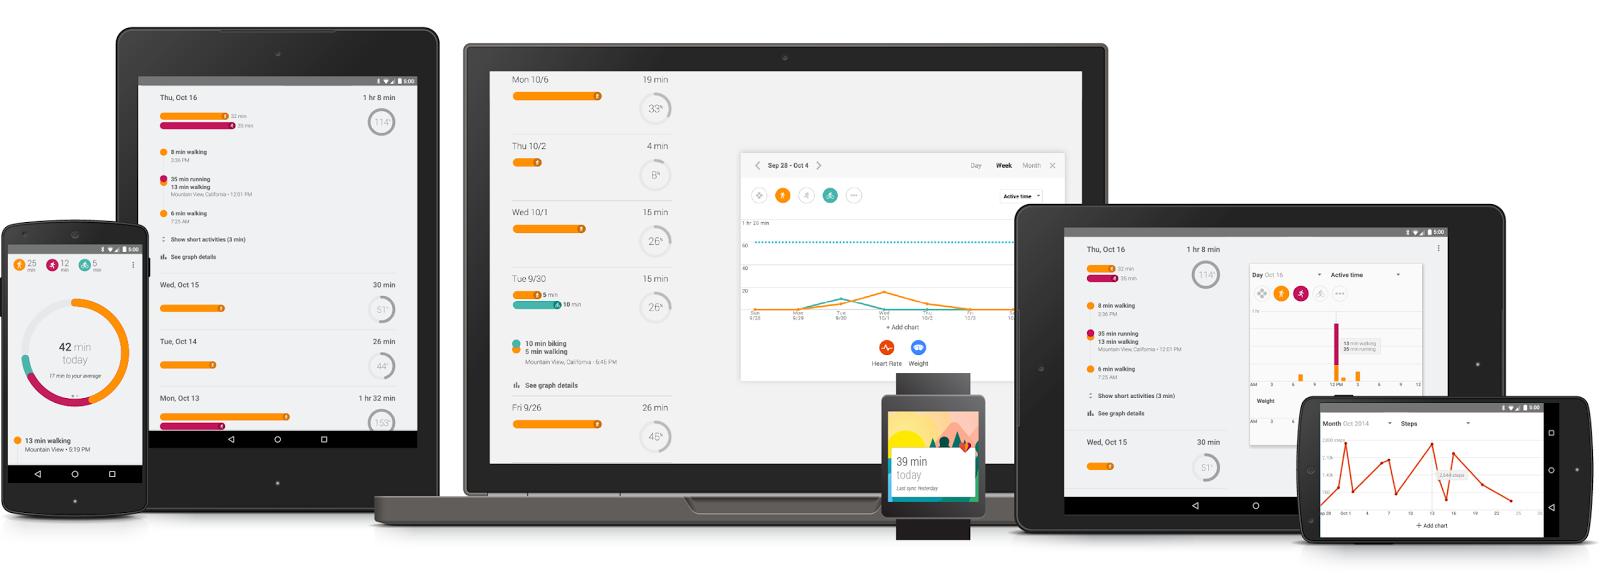 Google Fit kann auf allen Plattformen verwendet werden